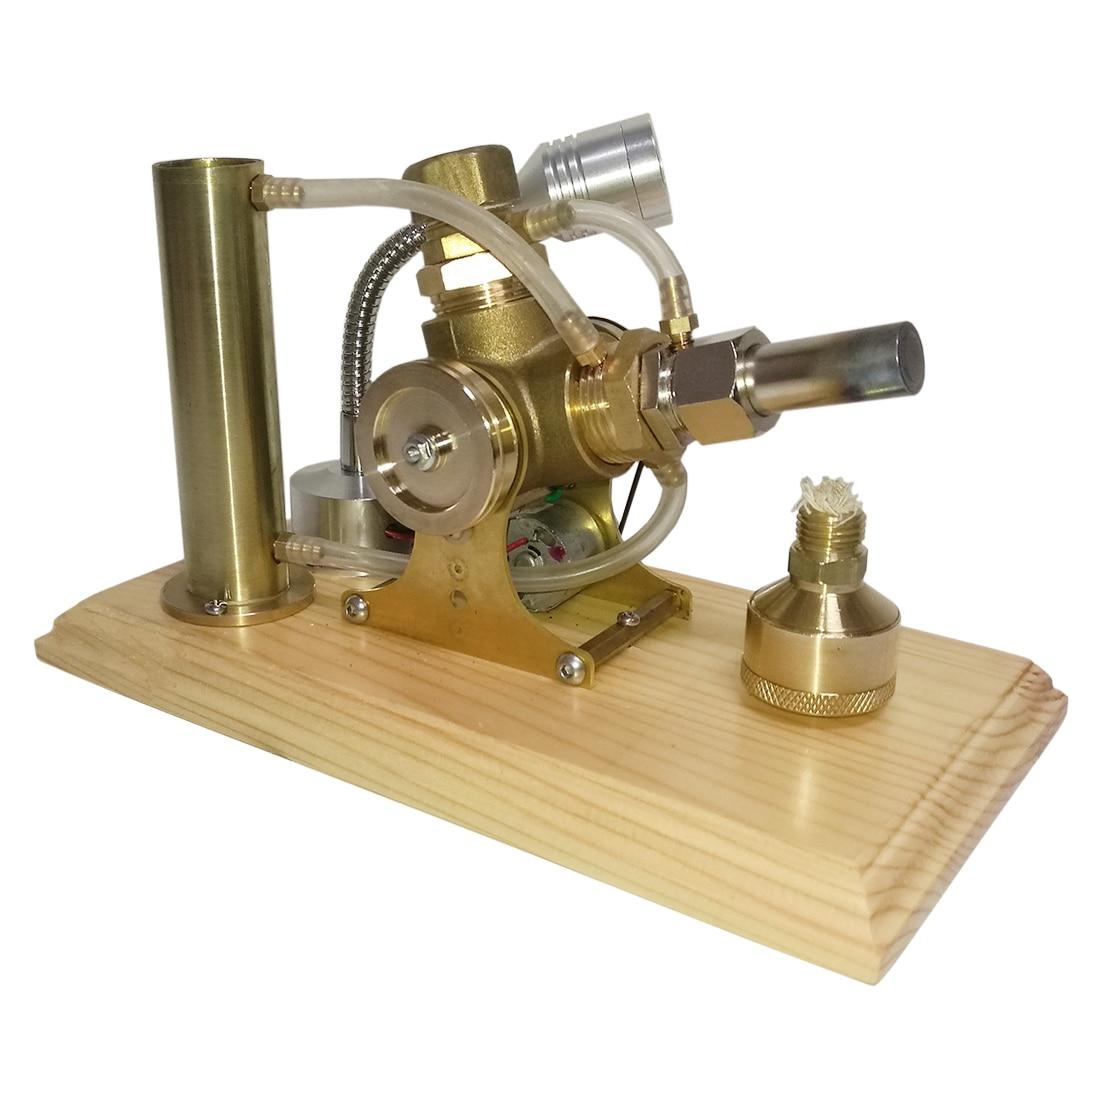 Водяное охлаждение V Форма Модель двигателя Стирлинга строительные наборы с полной медной деревянной основой Развивающие игрушки для дете